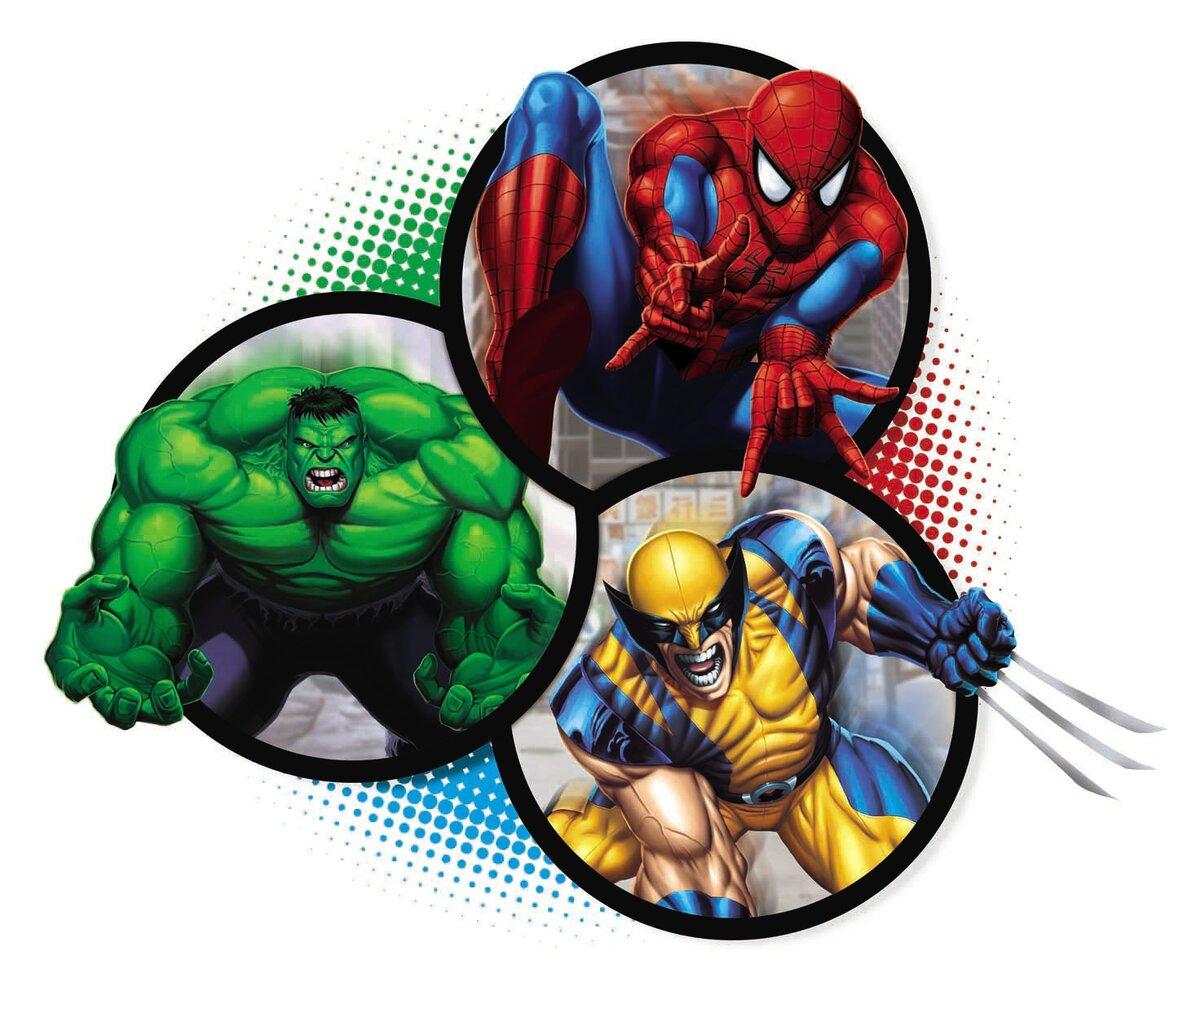 последнего времени фото всех супергероев по отдельности идеале